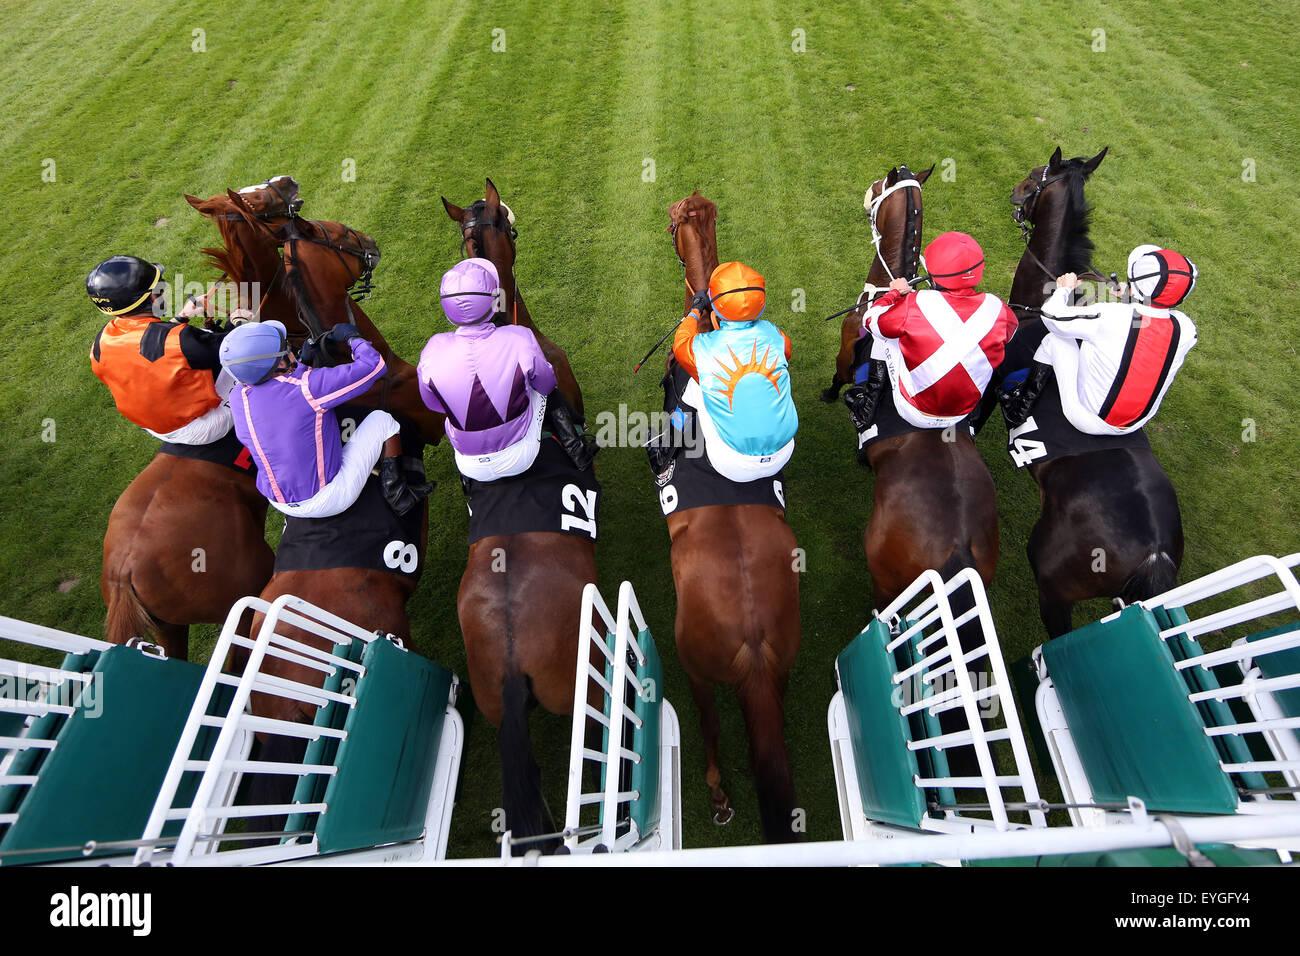 Hamburg, Deutschland, Pferde und jockeys zu Jahresbeginn ein Pferderennen Stockbild